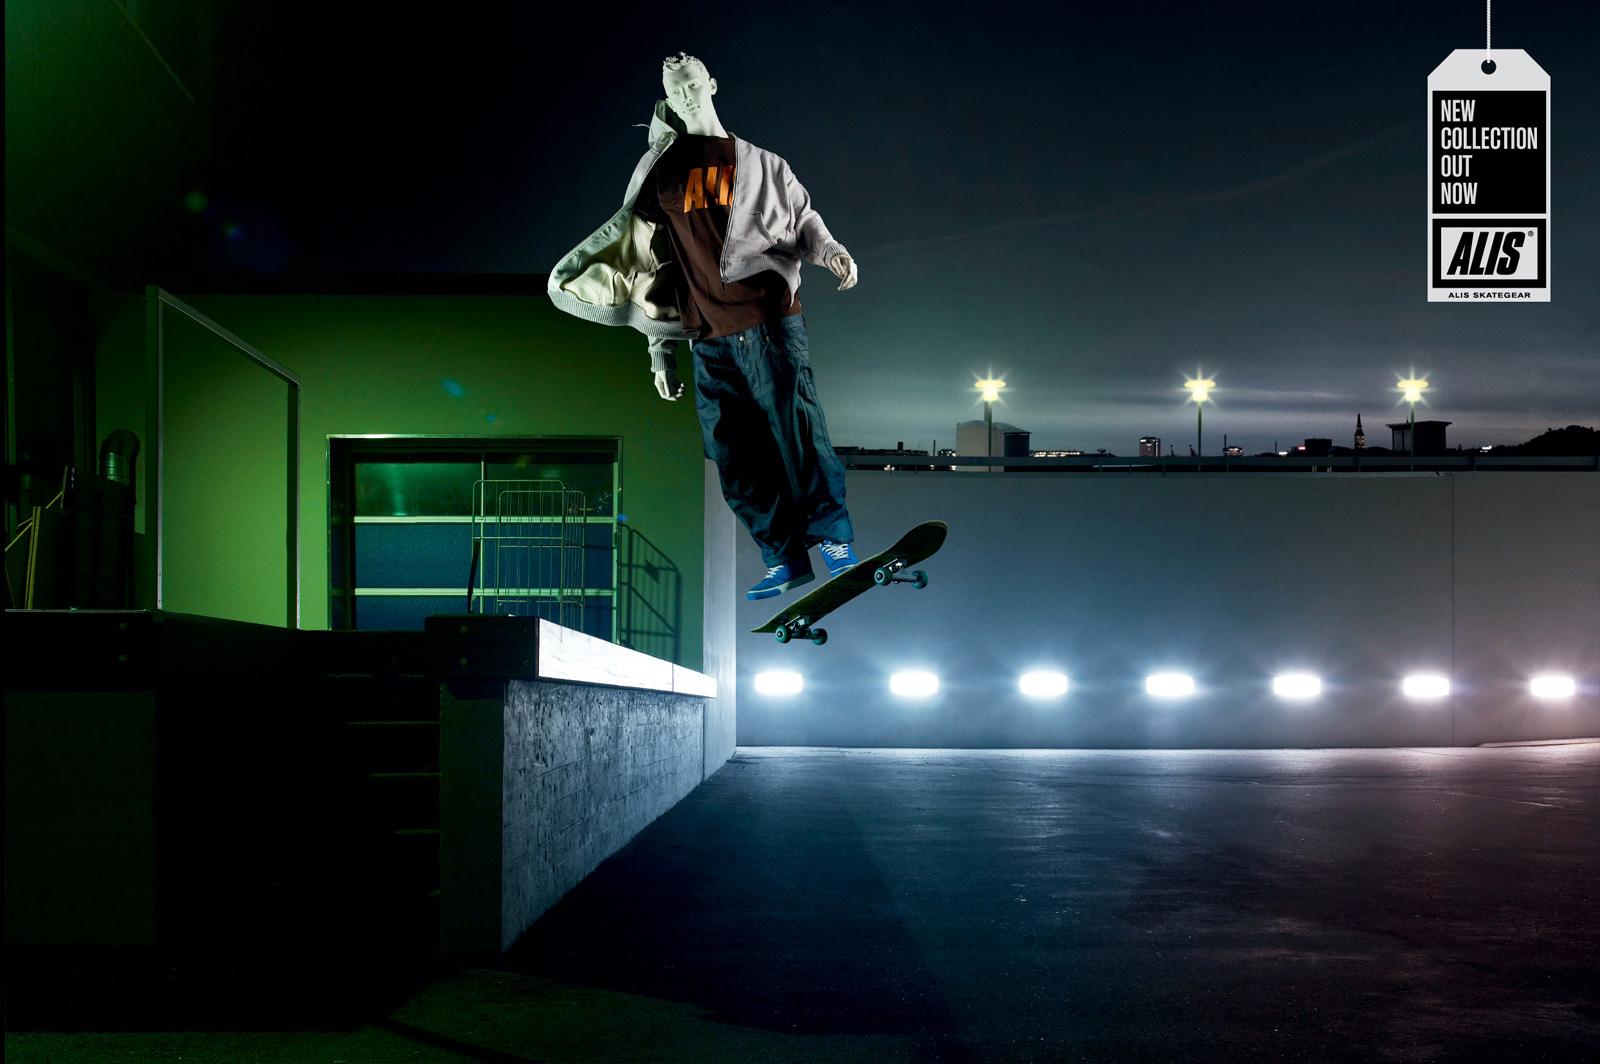 Cosas de Kiko: Skate (15ª serie)